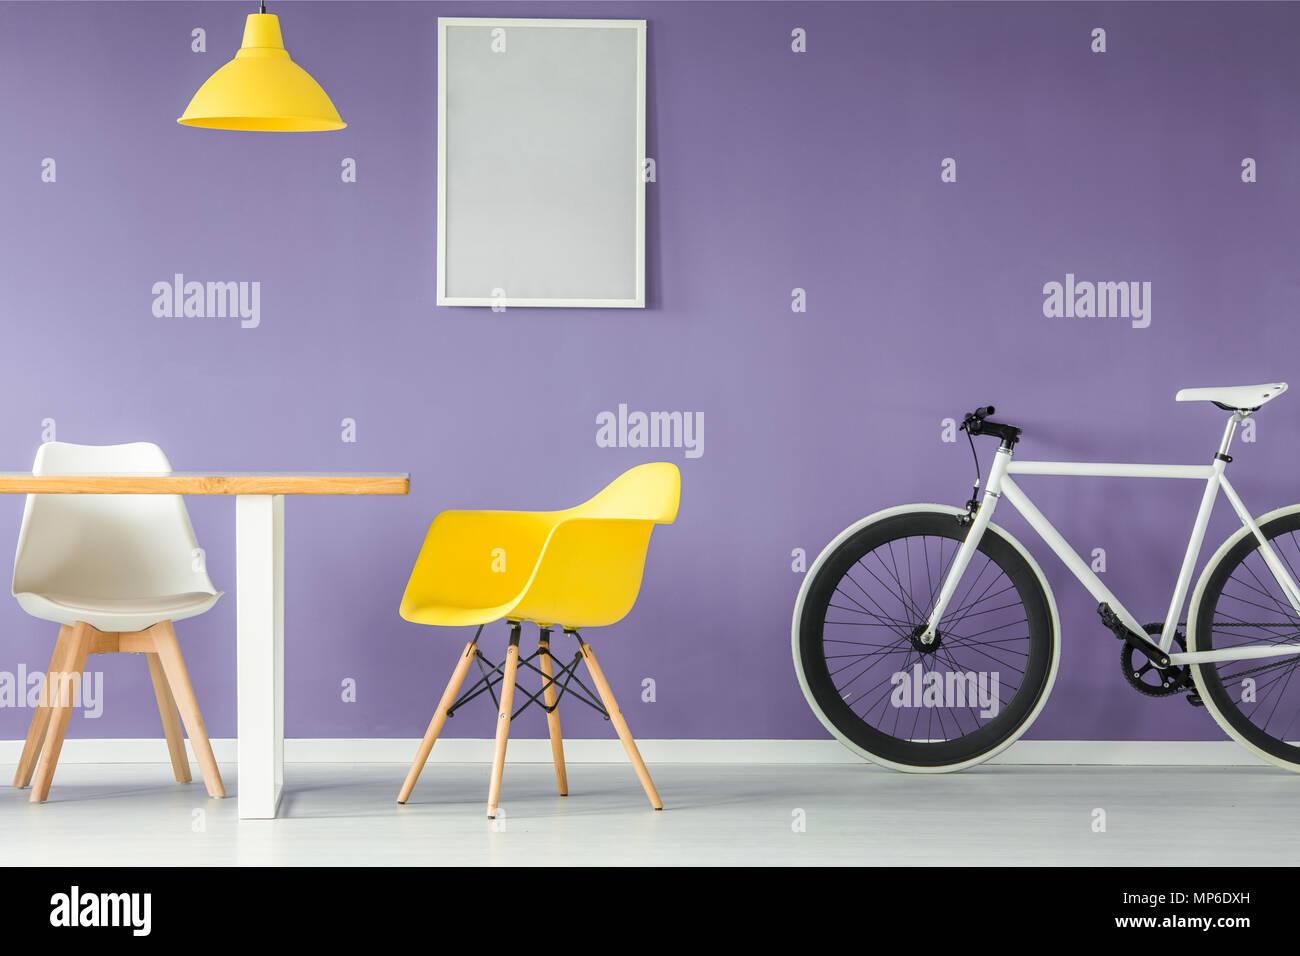 Minima, interni moderni con un bianco e giallo sedia, una bicicletta, una tabella vuota e appeso un lampada gialla contro sfondo viola parete con una simulazione Immagini Stock